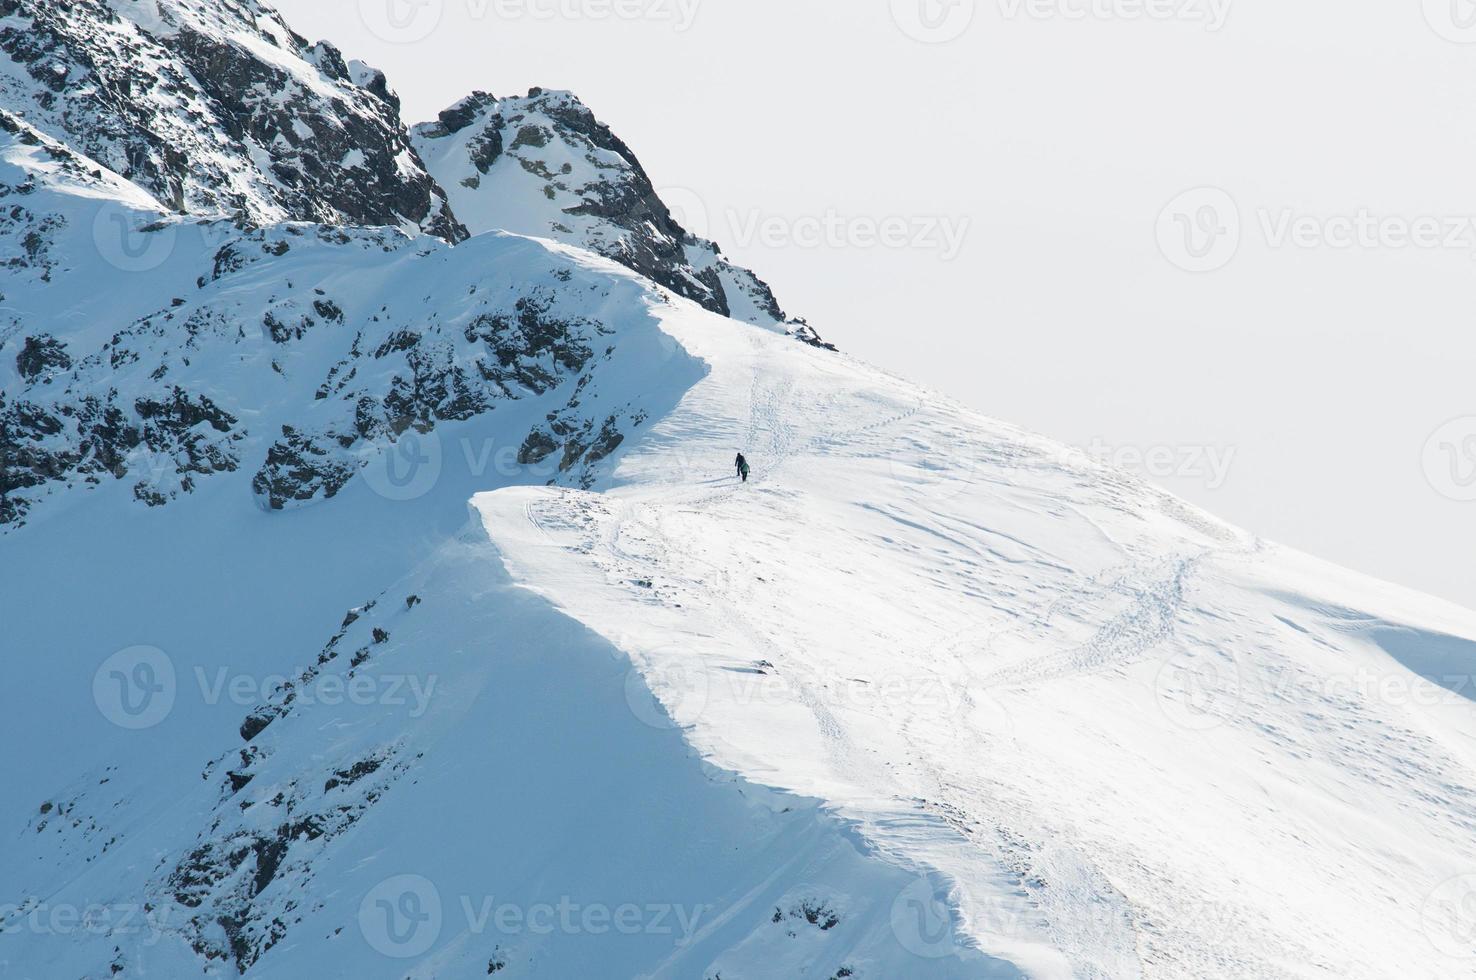 duas pessoas em grandes caminhadas nas montanhas, foto